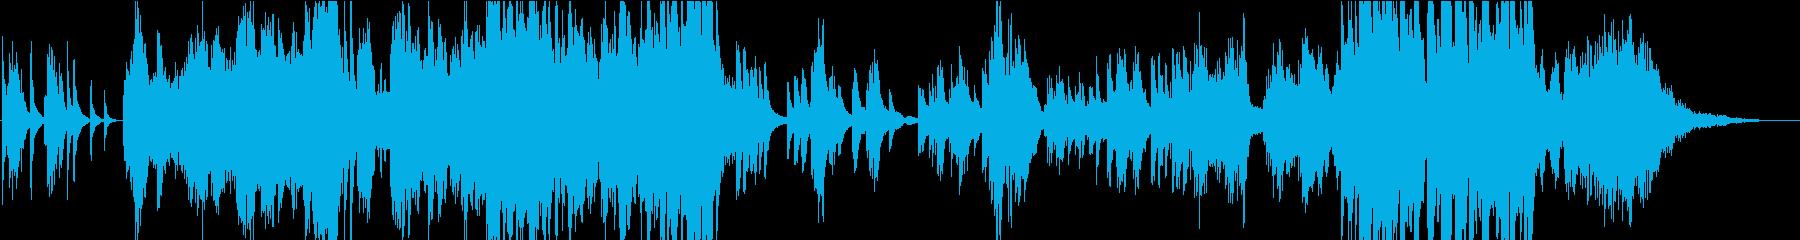 切ない、気持ちが溢れ出す2台ピアノ曲の再生済みの波形